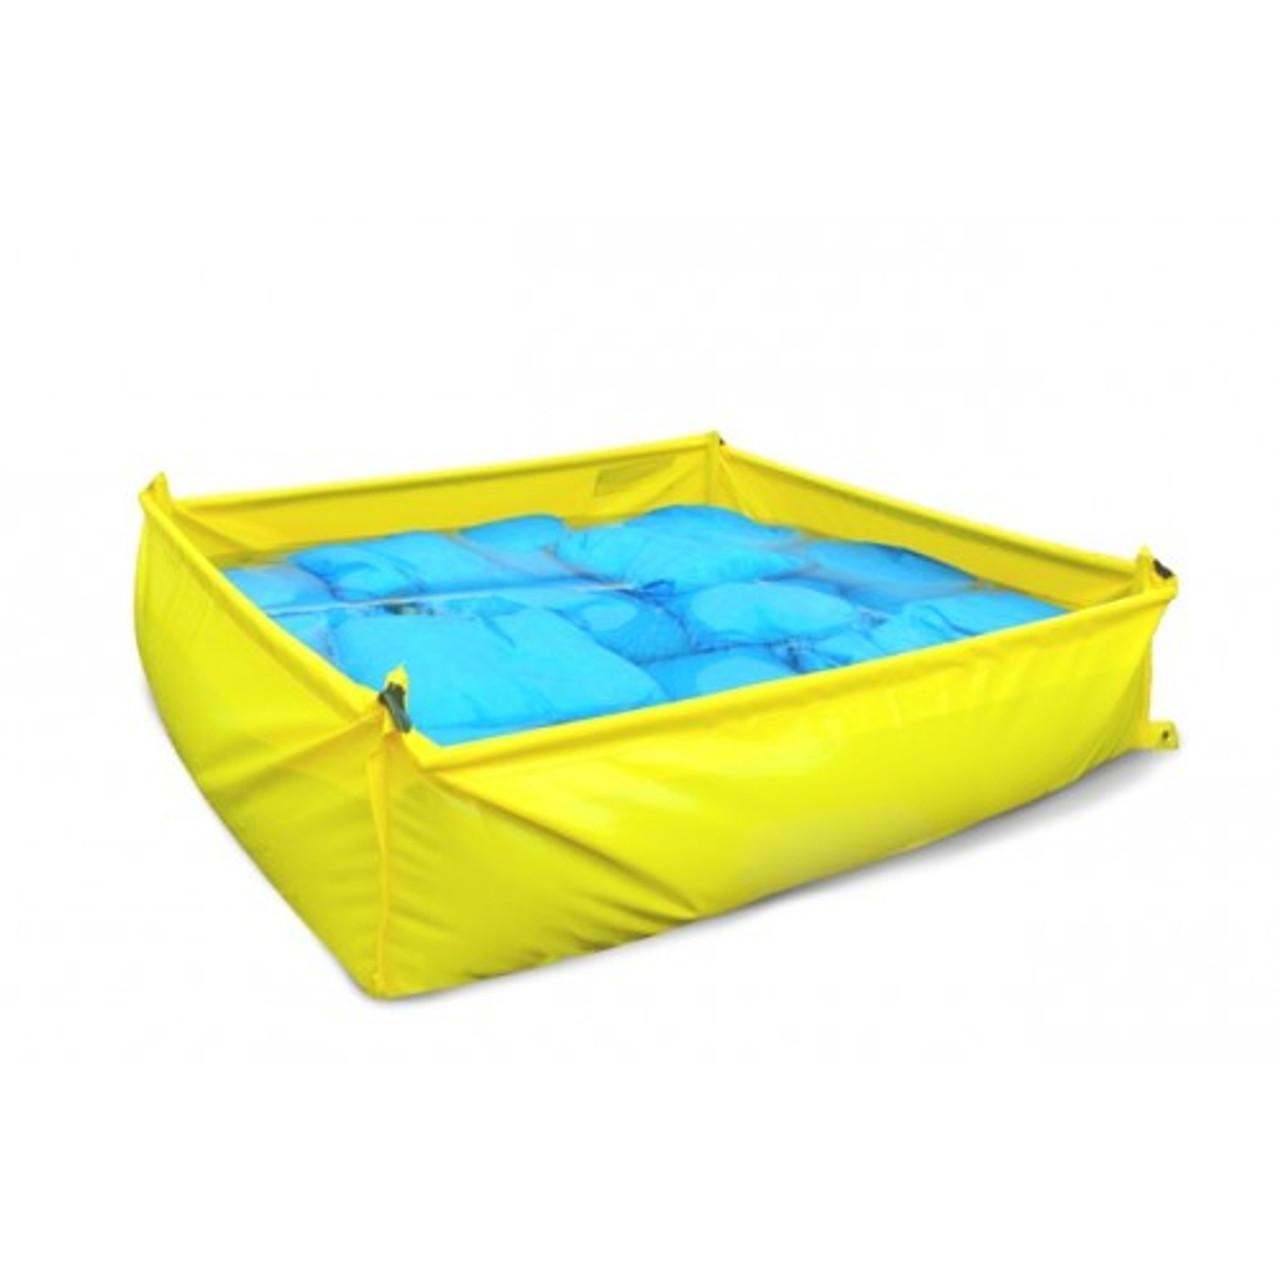 Optional Staging Pool for Ultra-Aqua Bag